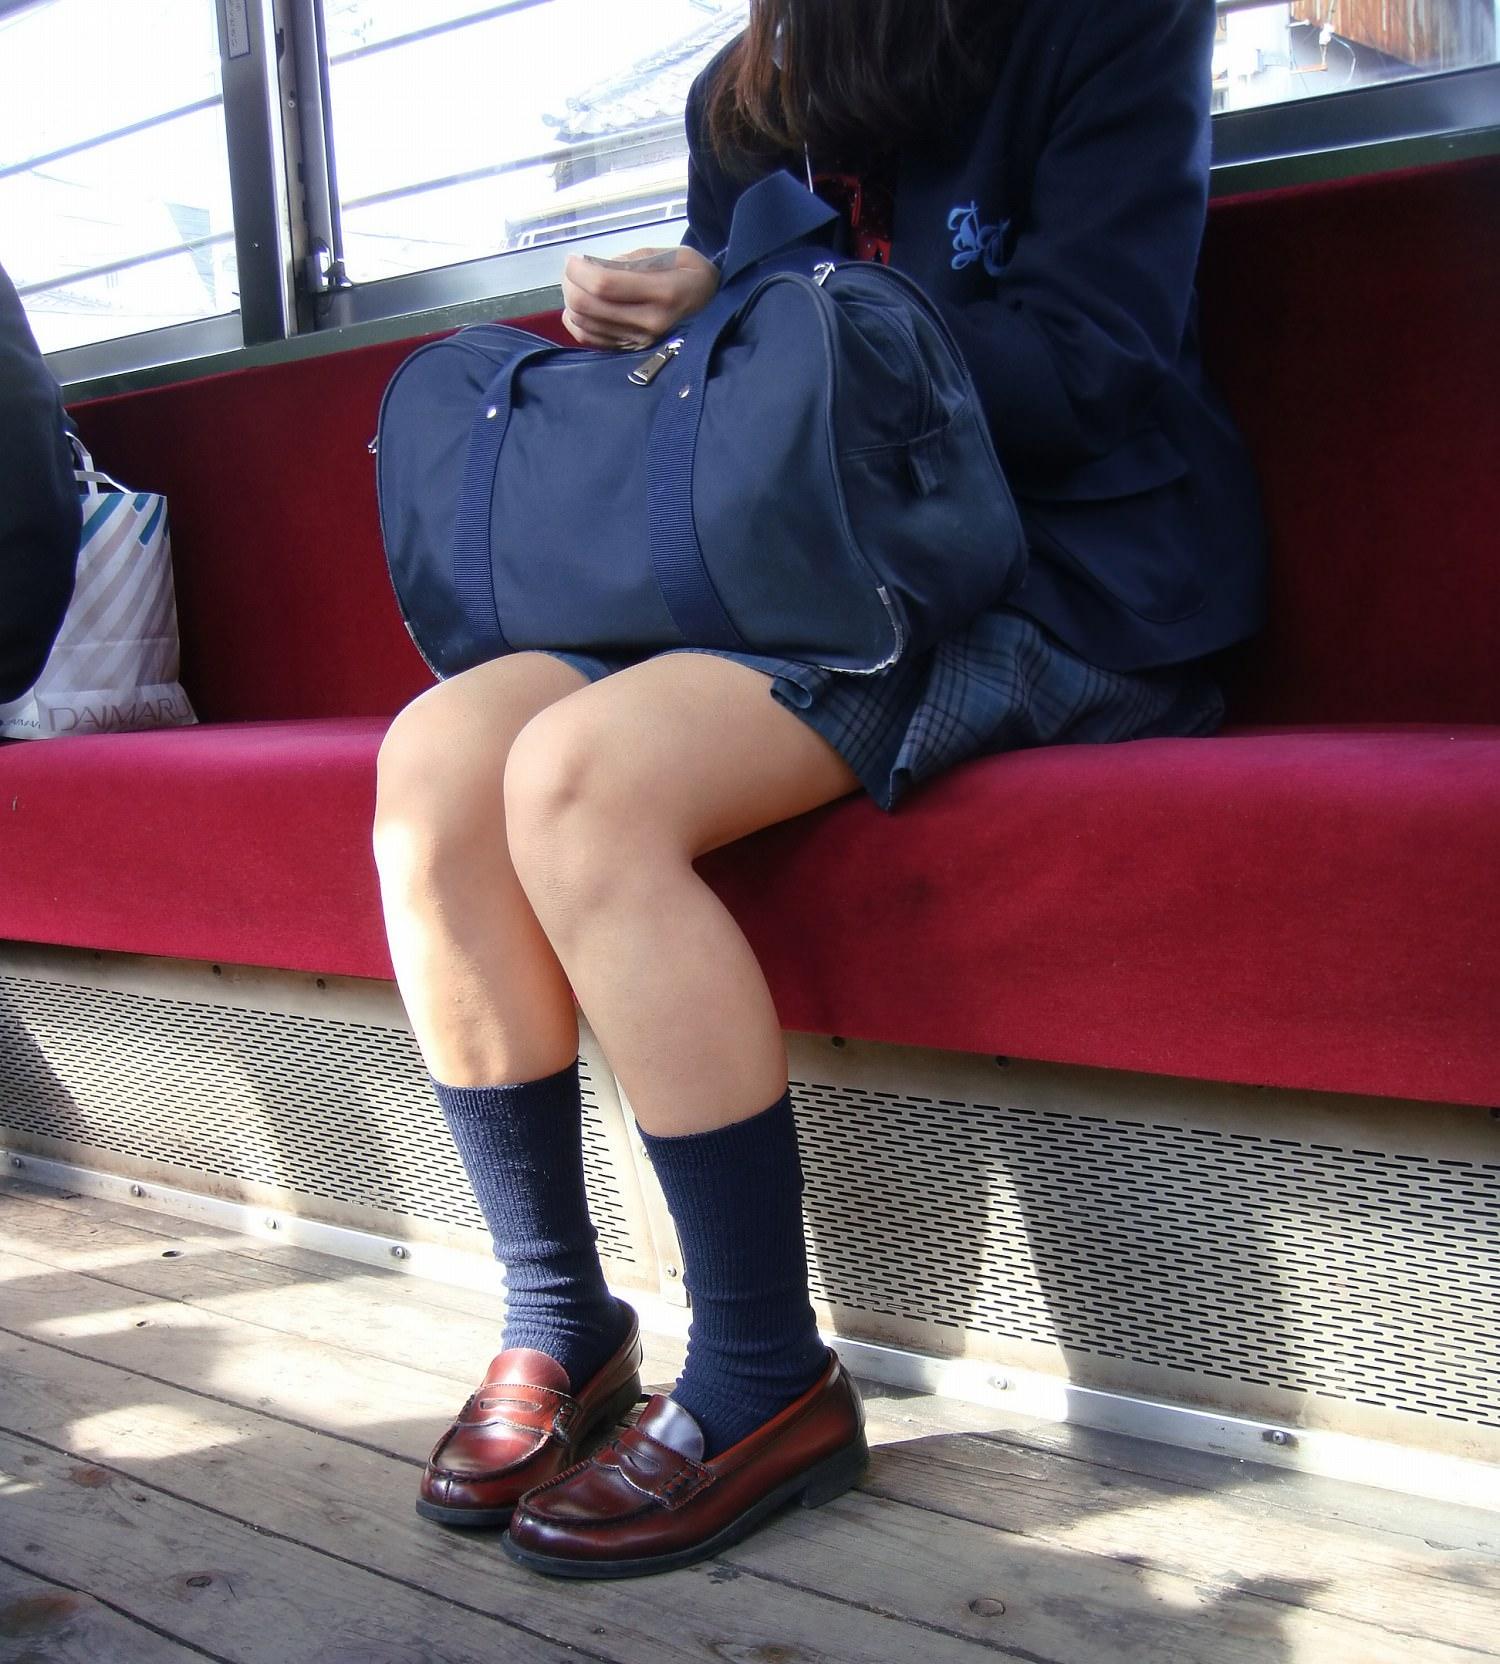 電車内のJKはエロい!!!おパンチュ見えてるか確かめたくなる際どいパンチラ画像 stk8lcT